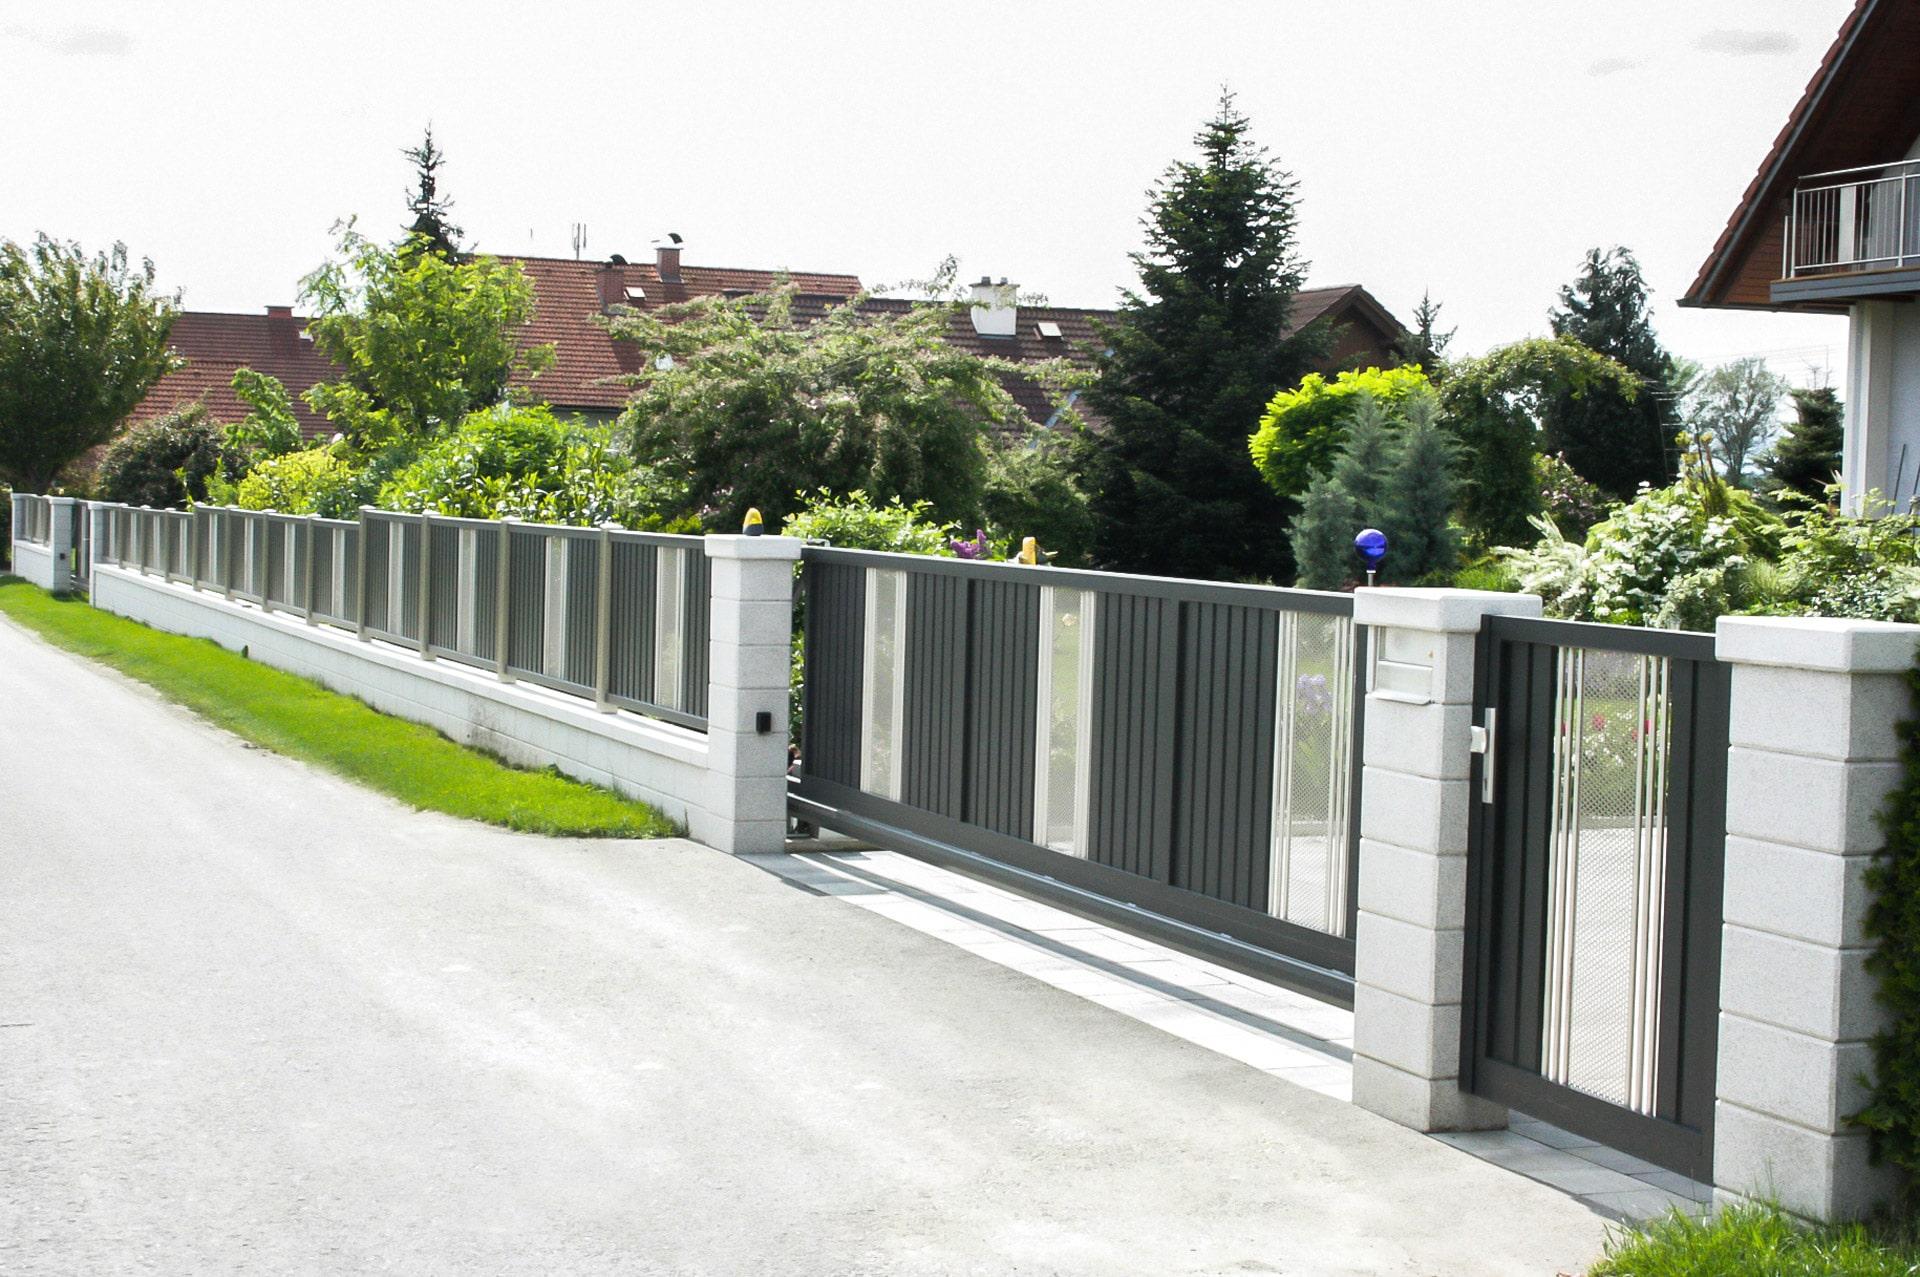 ZA Krieglach 02 a | Aluminium Zaun und elektrisches Schiebetor bei Gartenmauer & Einfahrt | Svoboda